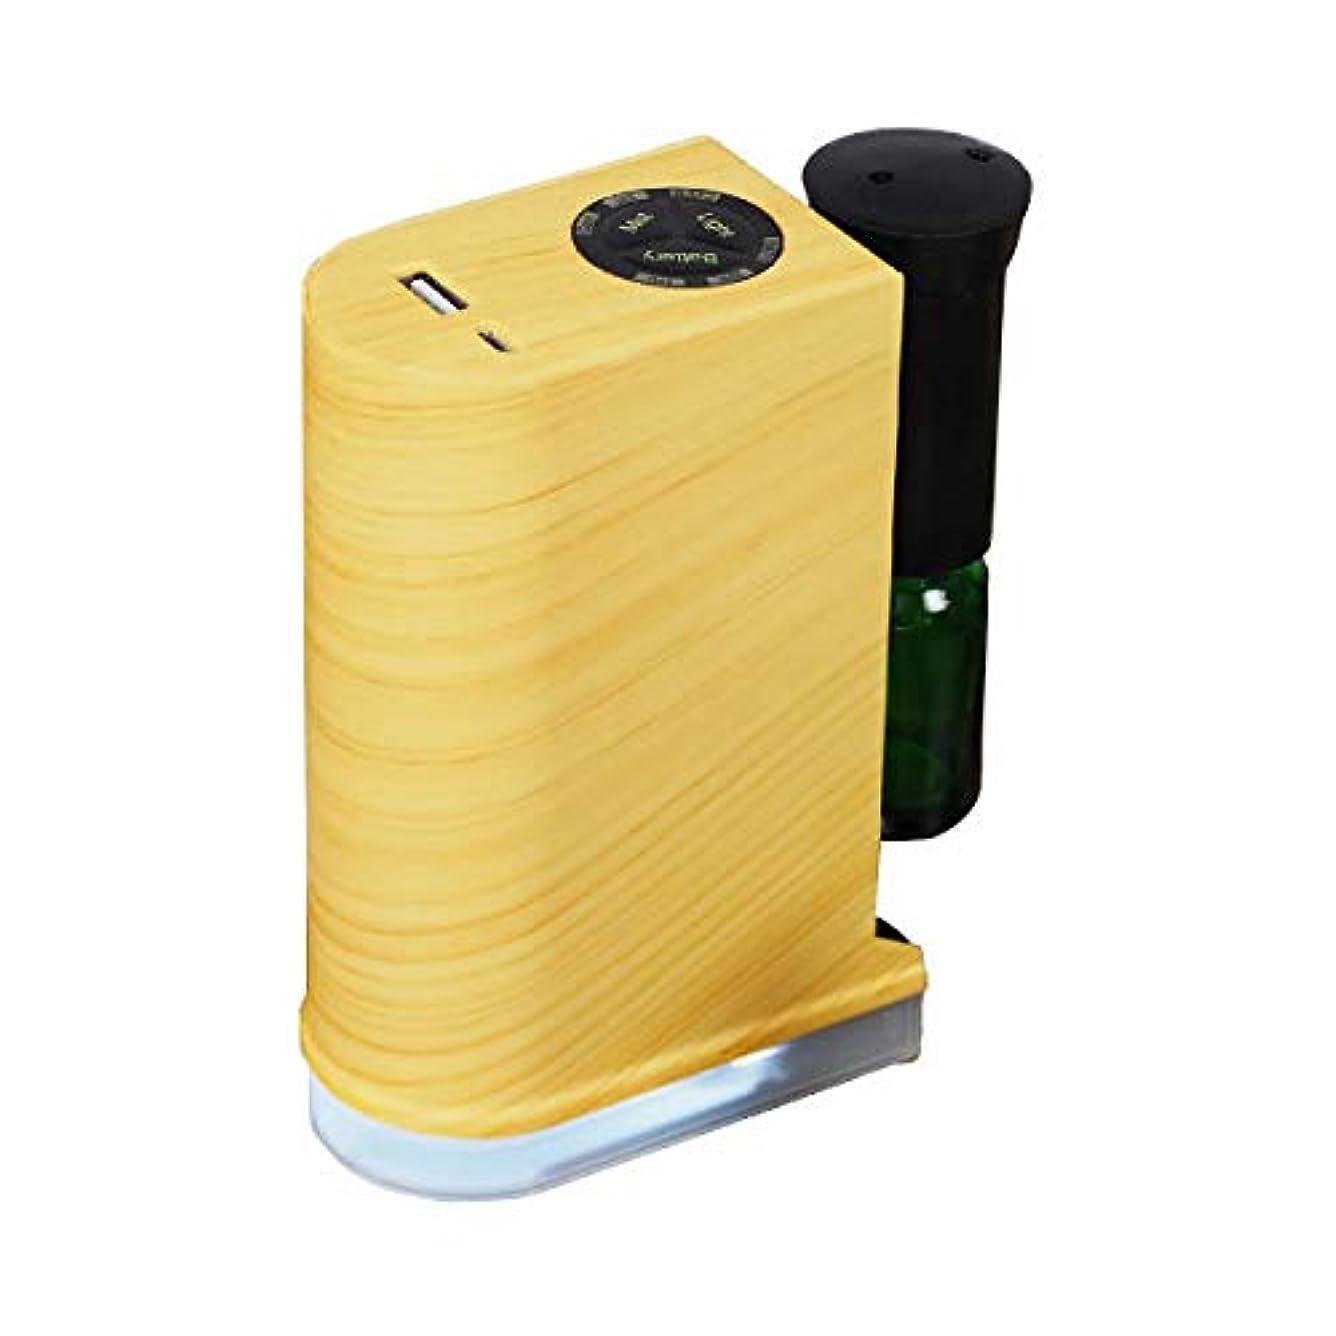 放つ機械時系列アロマデュフューザー 水を使わない ネブライザー式アロマディフューザー LED搭載 アロマオイル 精油 アロマ芳香 (ナチュラル)